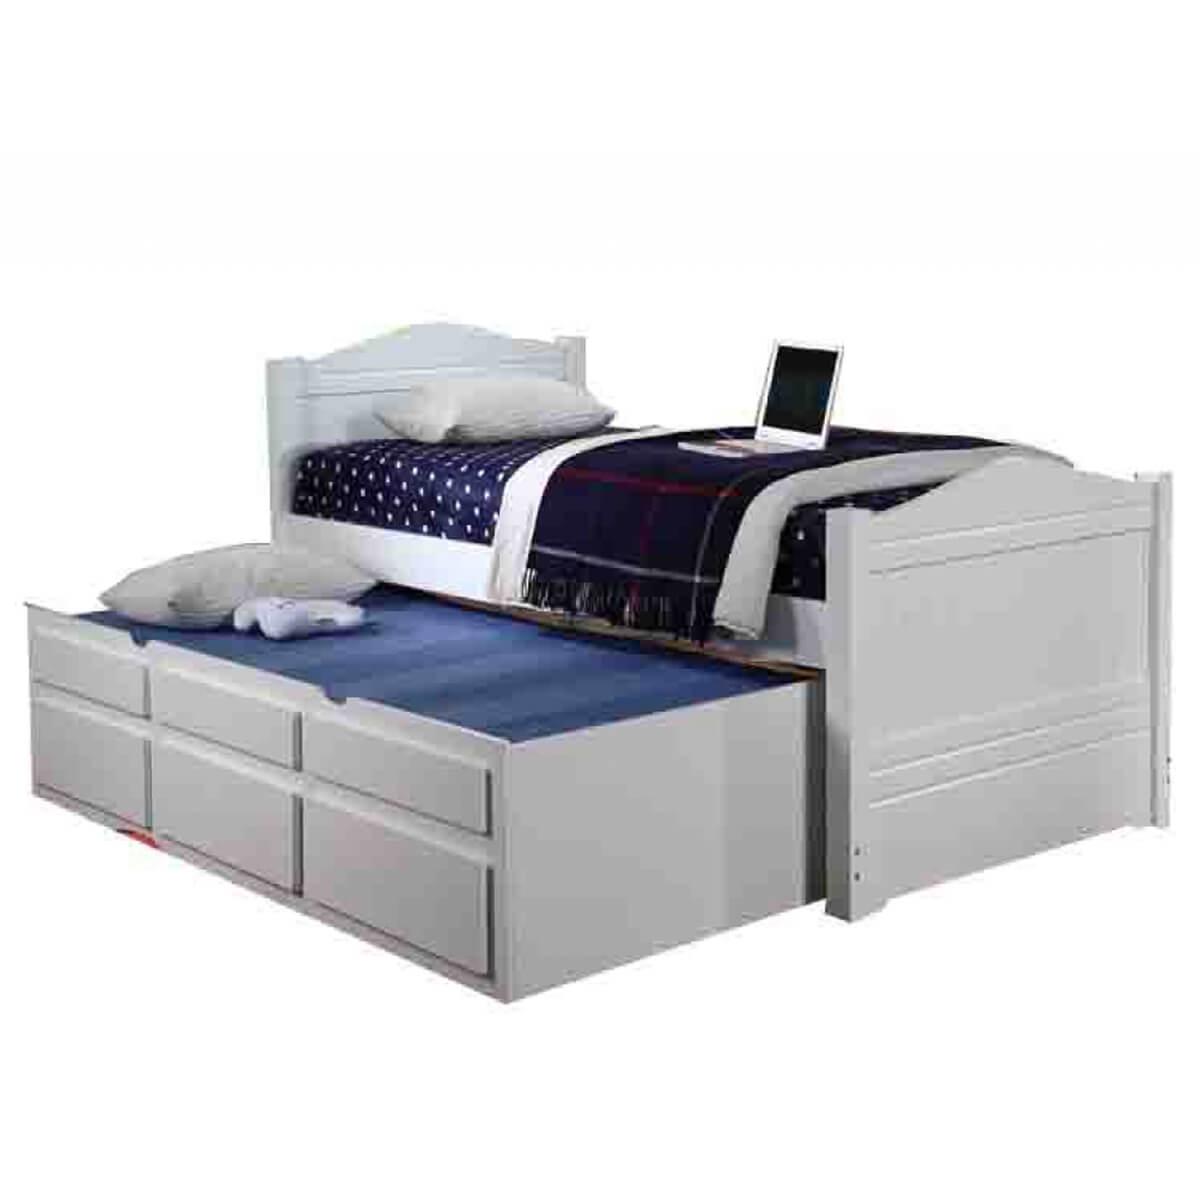 Paddington Trundle and Storage Single Bed White